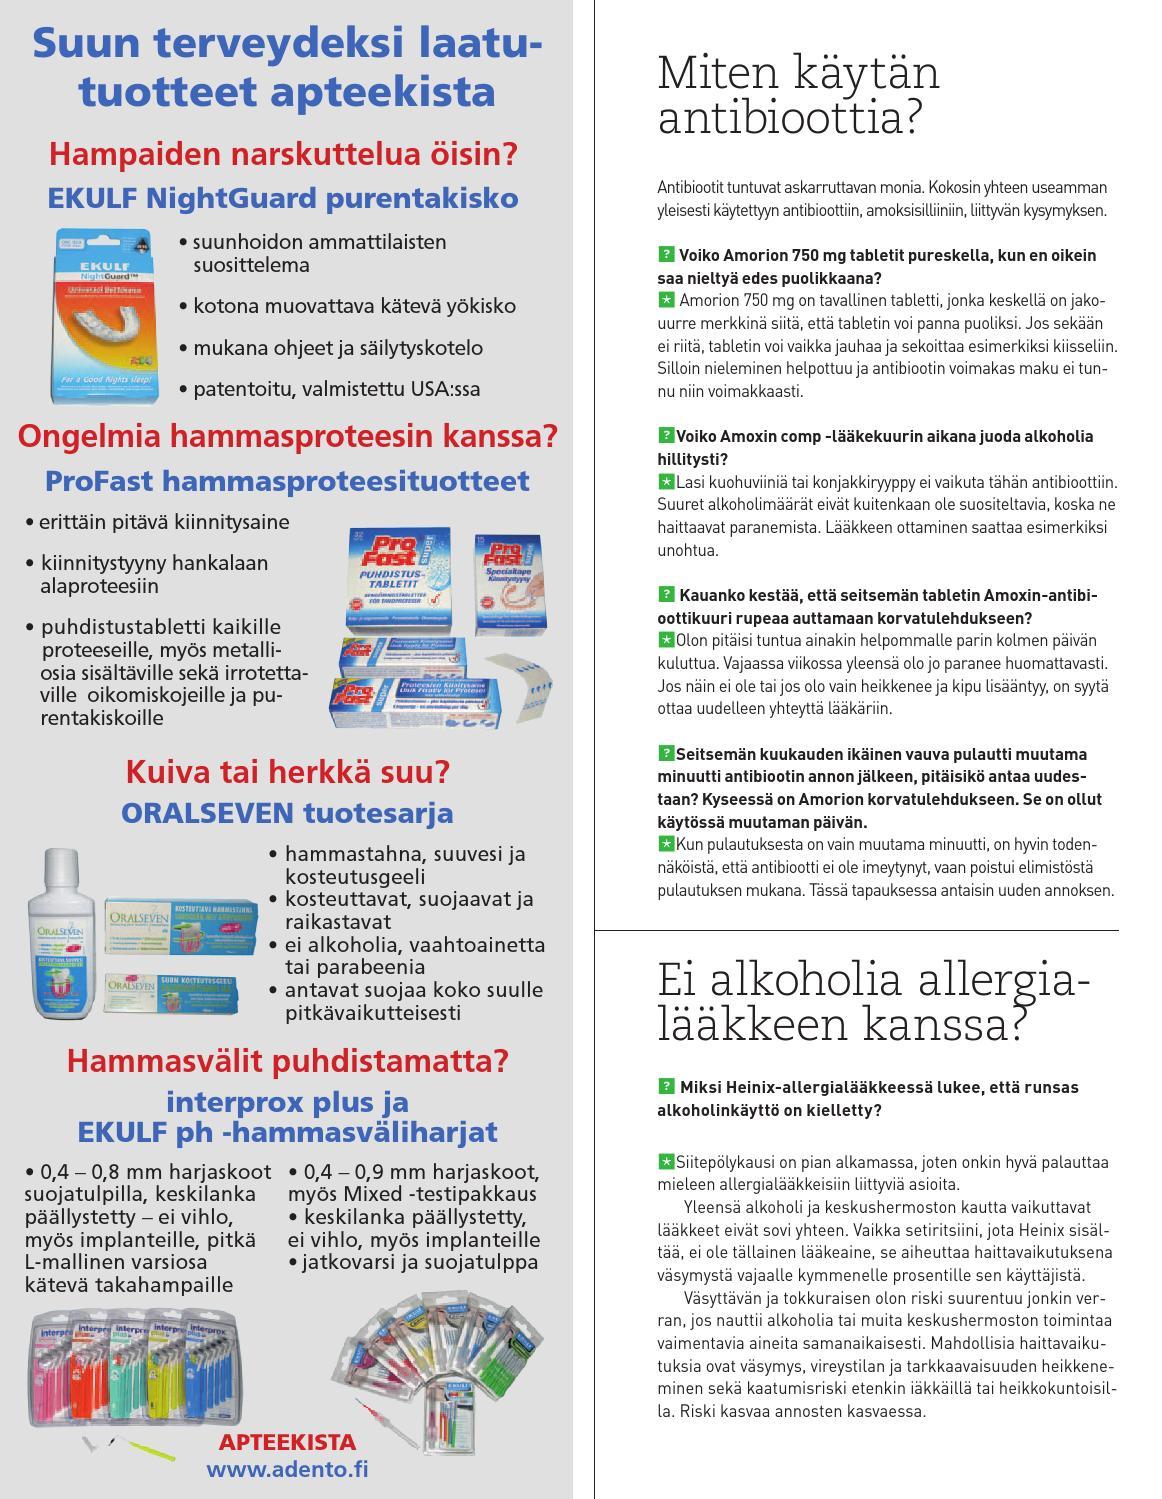 Antibiootti Amorion